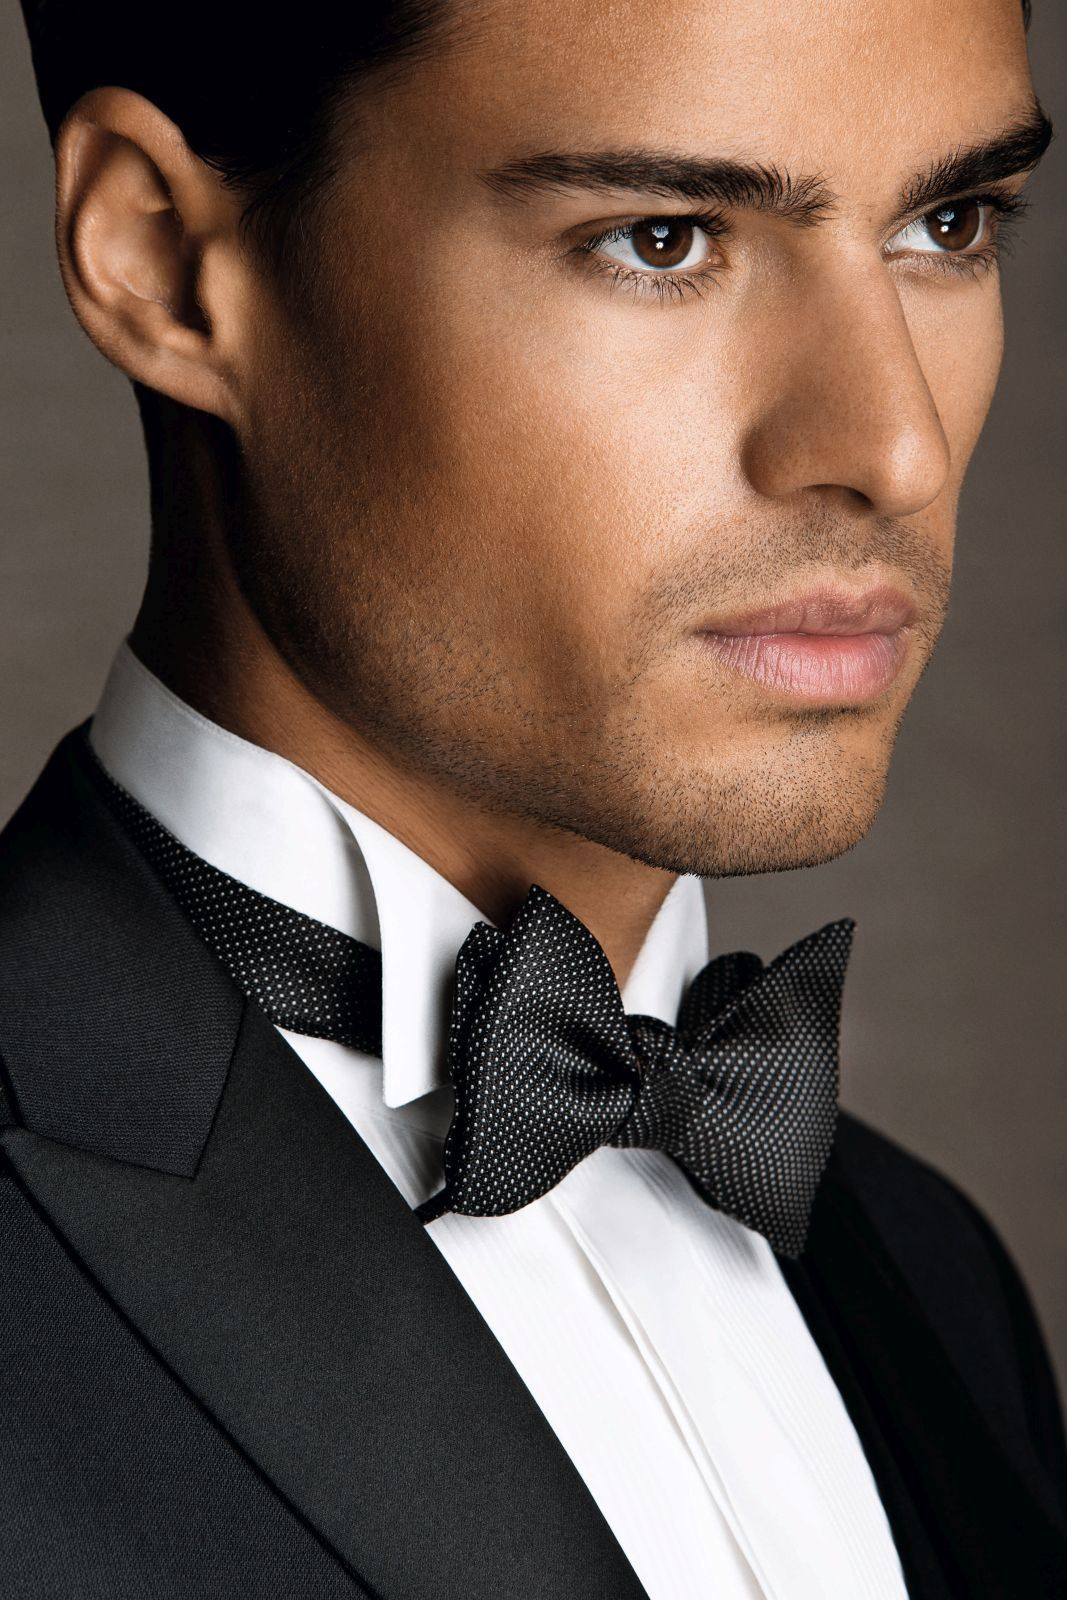 Alex bechet model